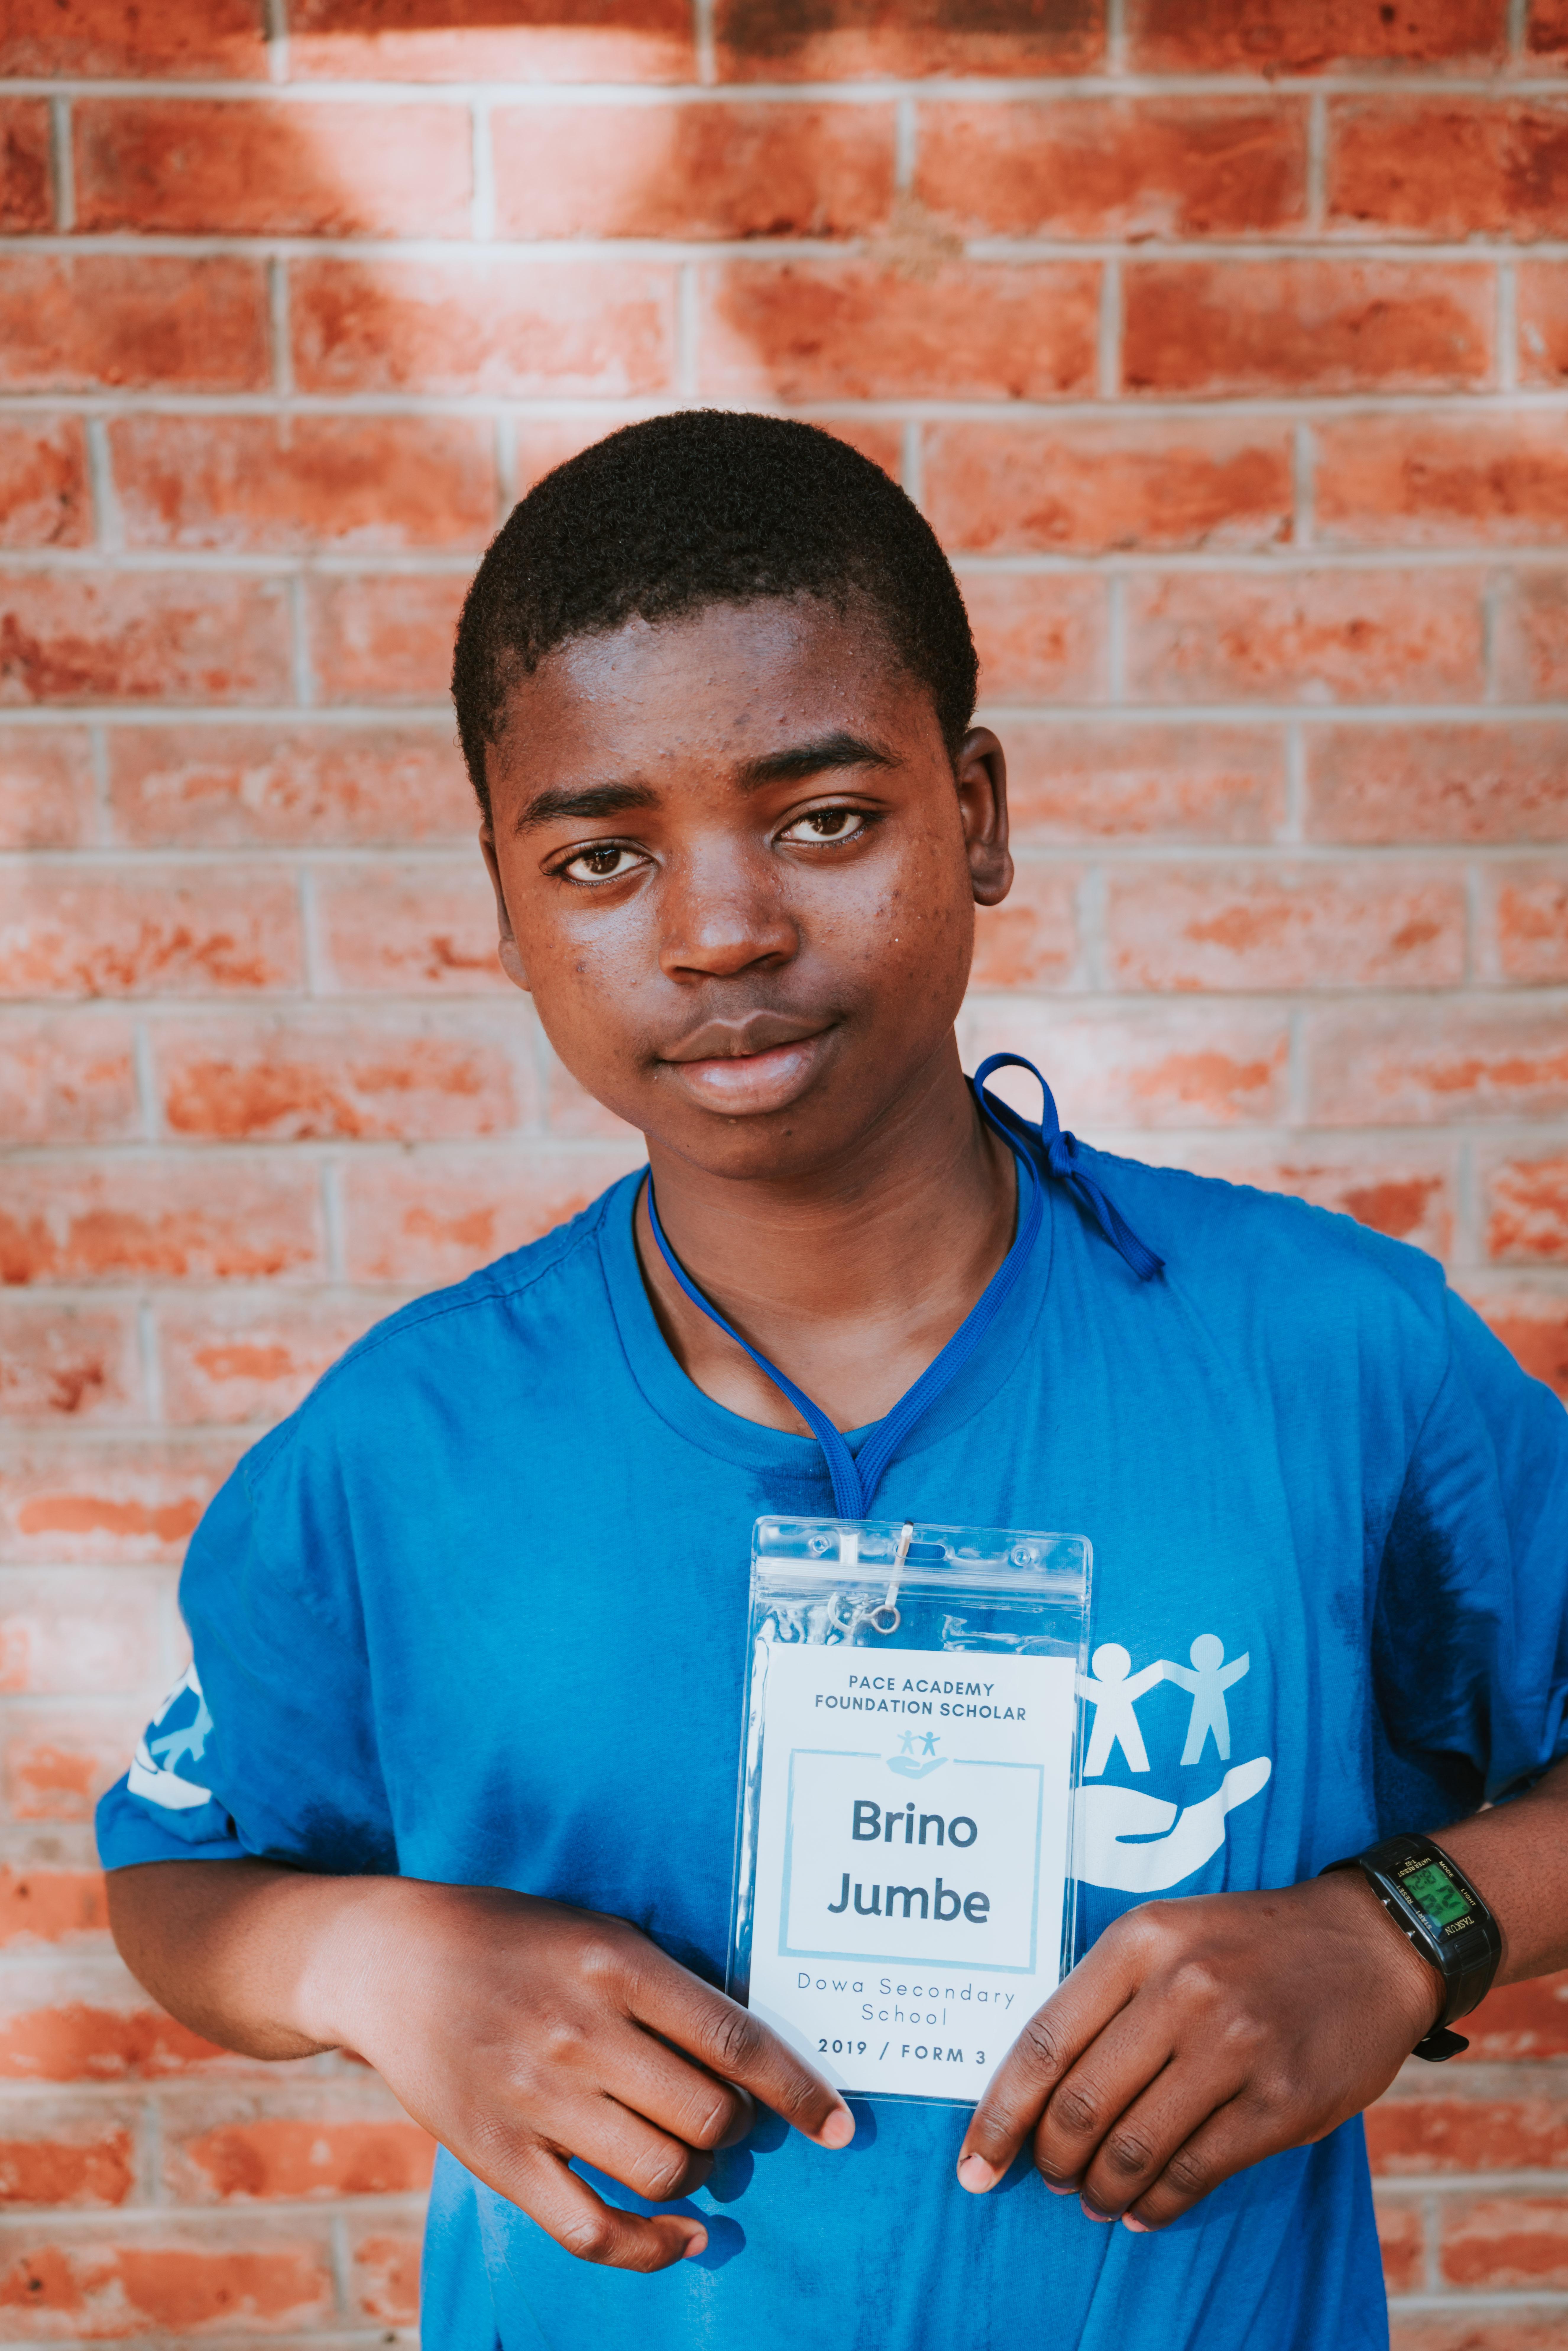 Brino Jumbe (Dowa Secondary School)